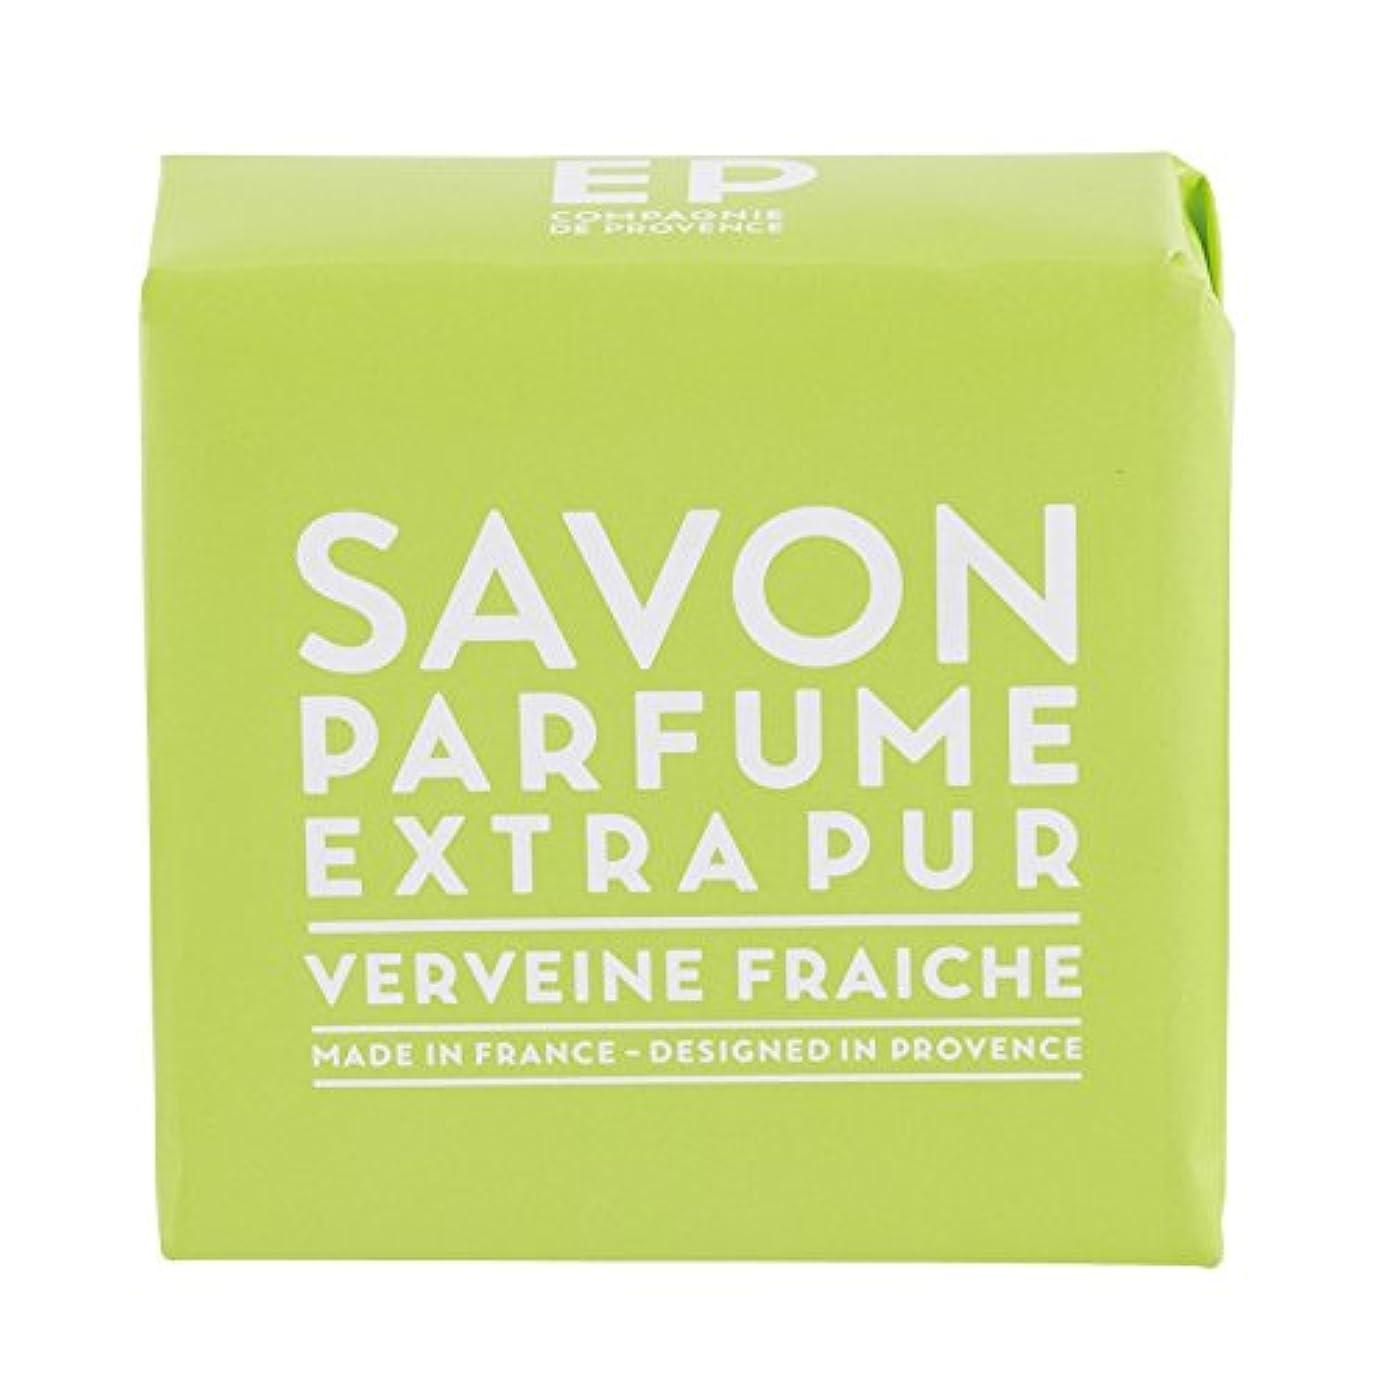 船乗りささやき時代カンパニードプロバンス EXP  マルセイユソープ バーベナ 100g(全身用石けん・フランス製・フレッシュで爽快感のあるバーベナの香り)